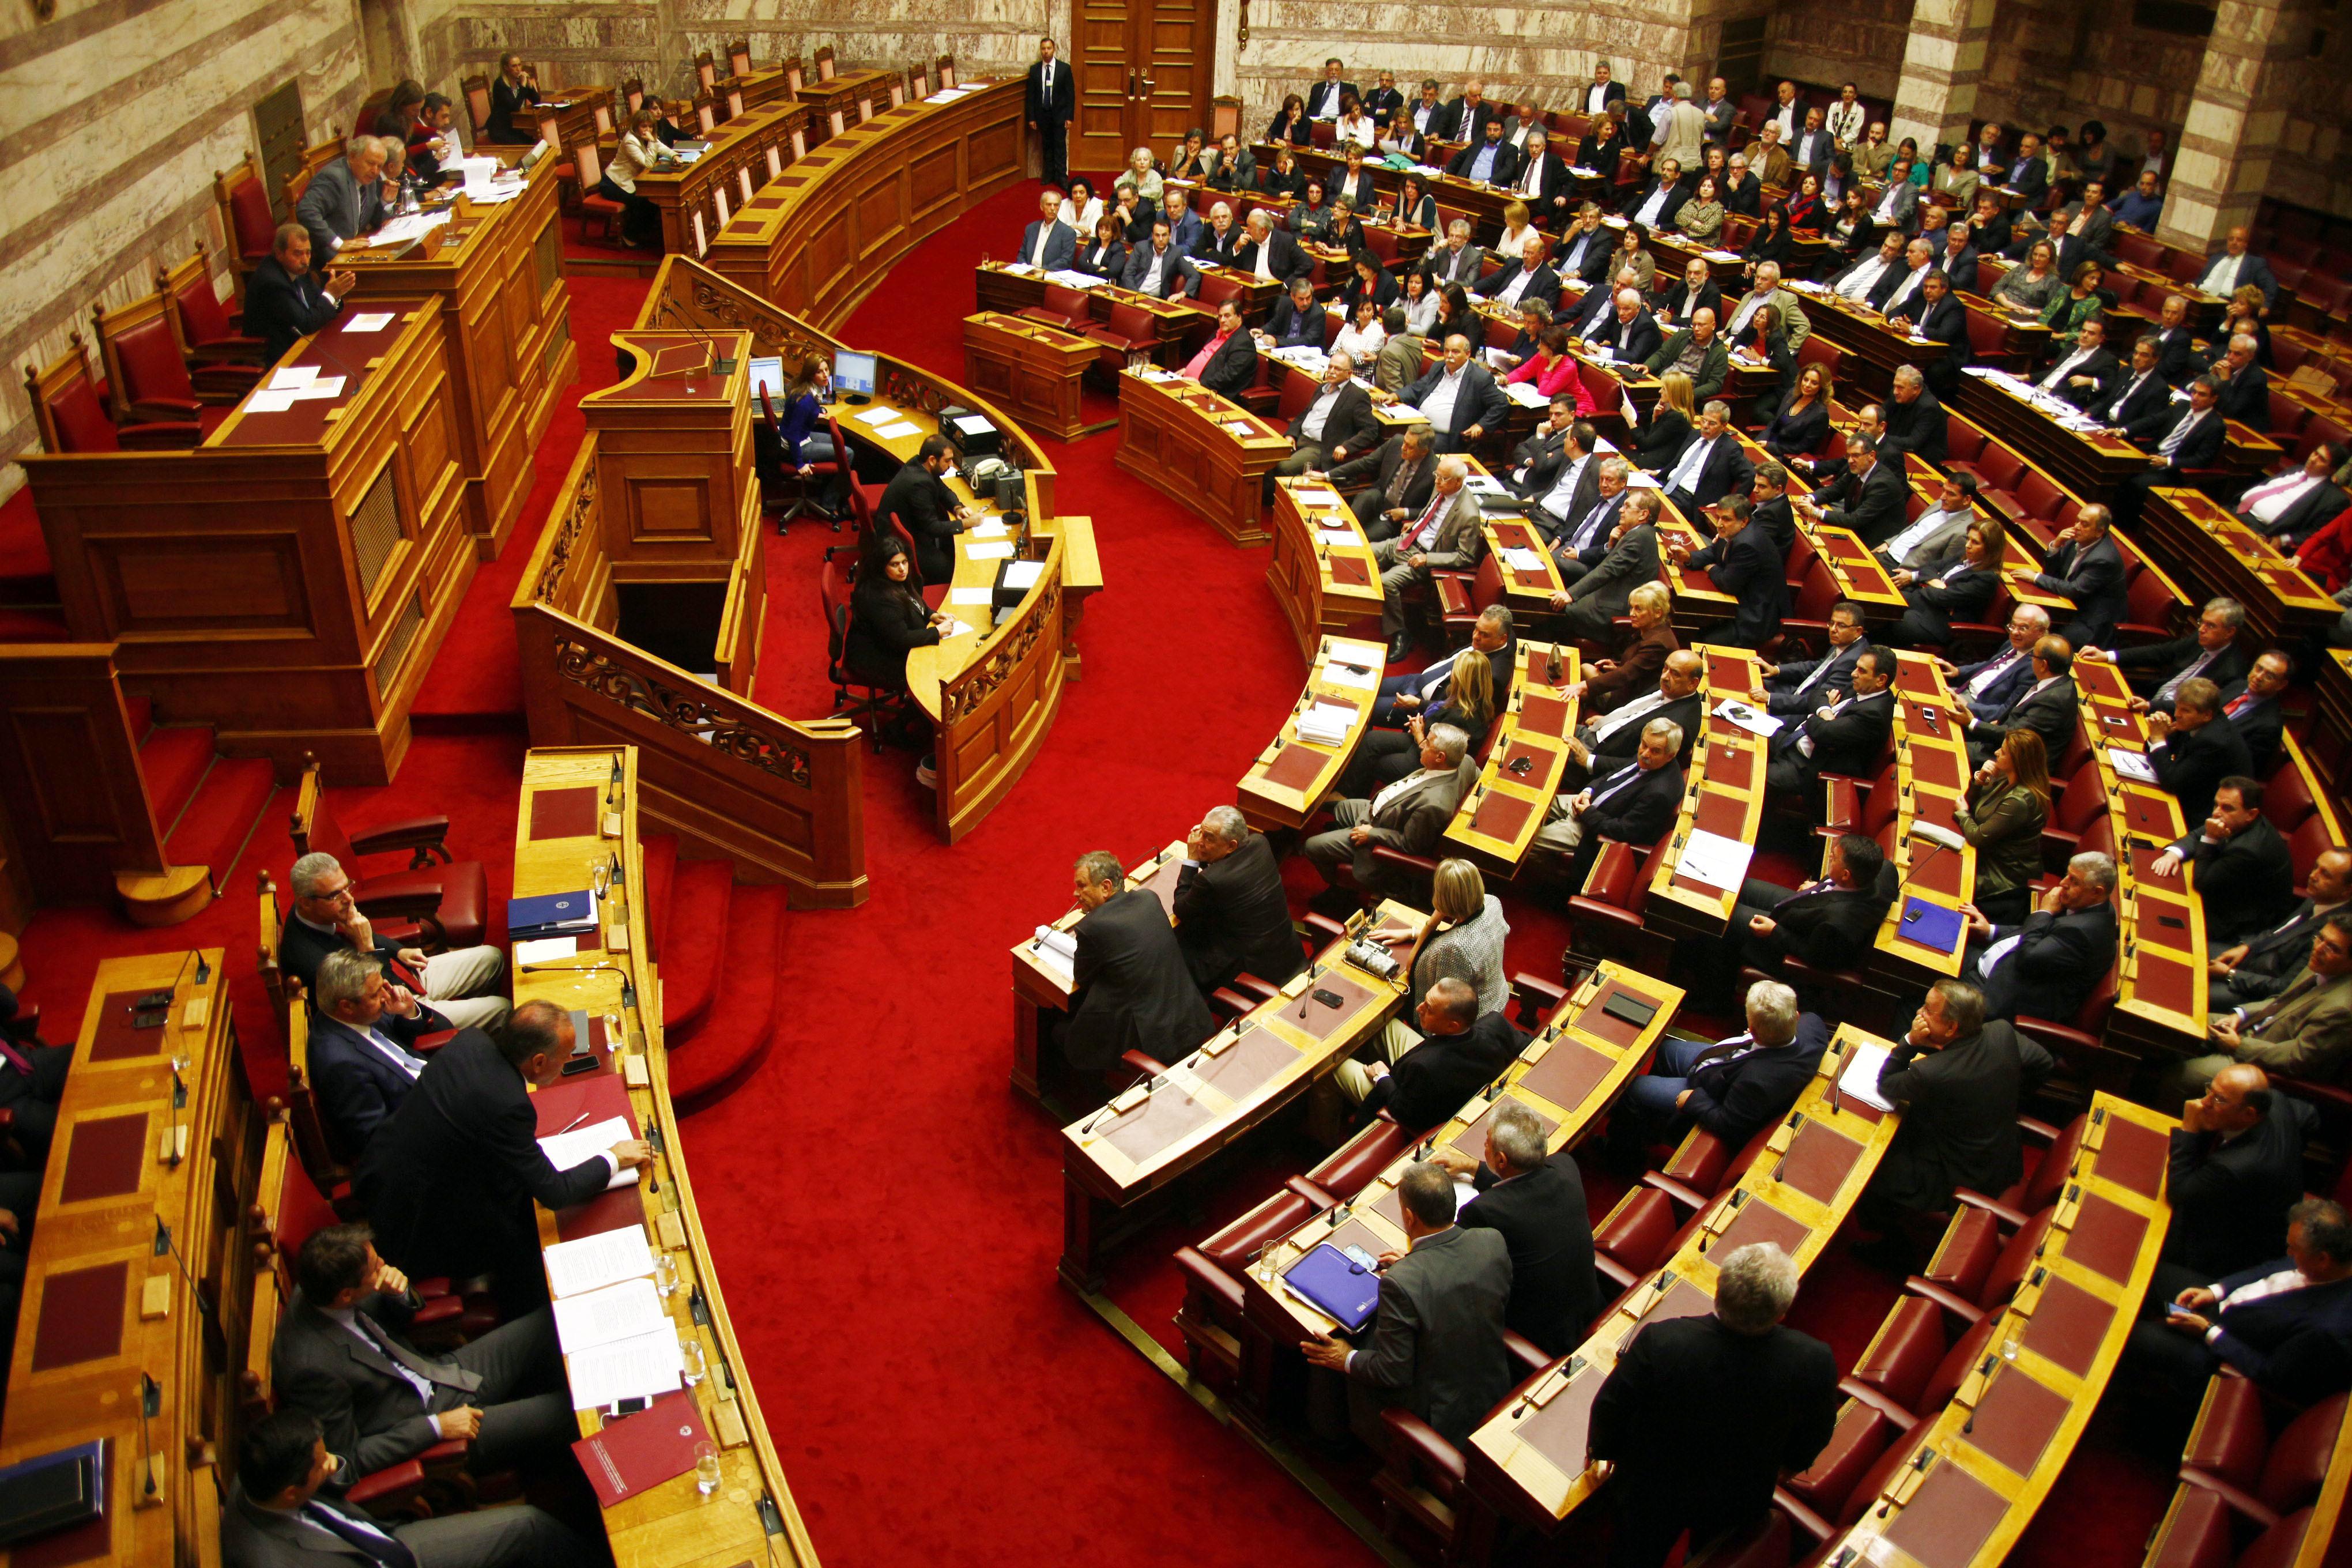 Ραγδαίες πολιτικές εξελίξεις! Πρόταση δυσπιστίας κατέθεσε ο ΣΥΡΙΖΑ – Στοίχημα για την κυβέρνηση οι 155 ψήφοι